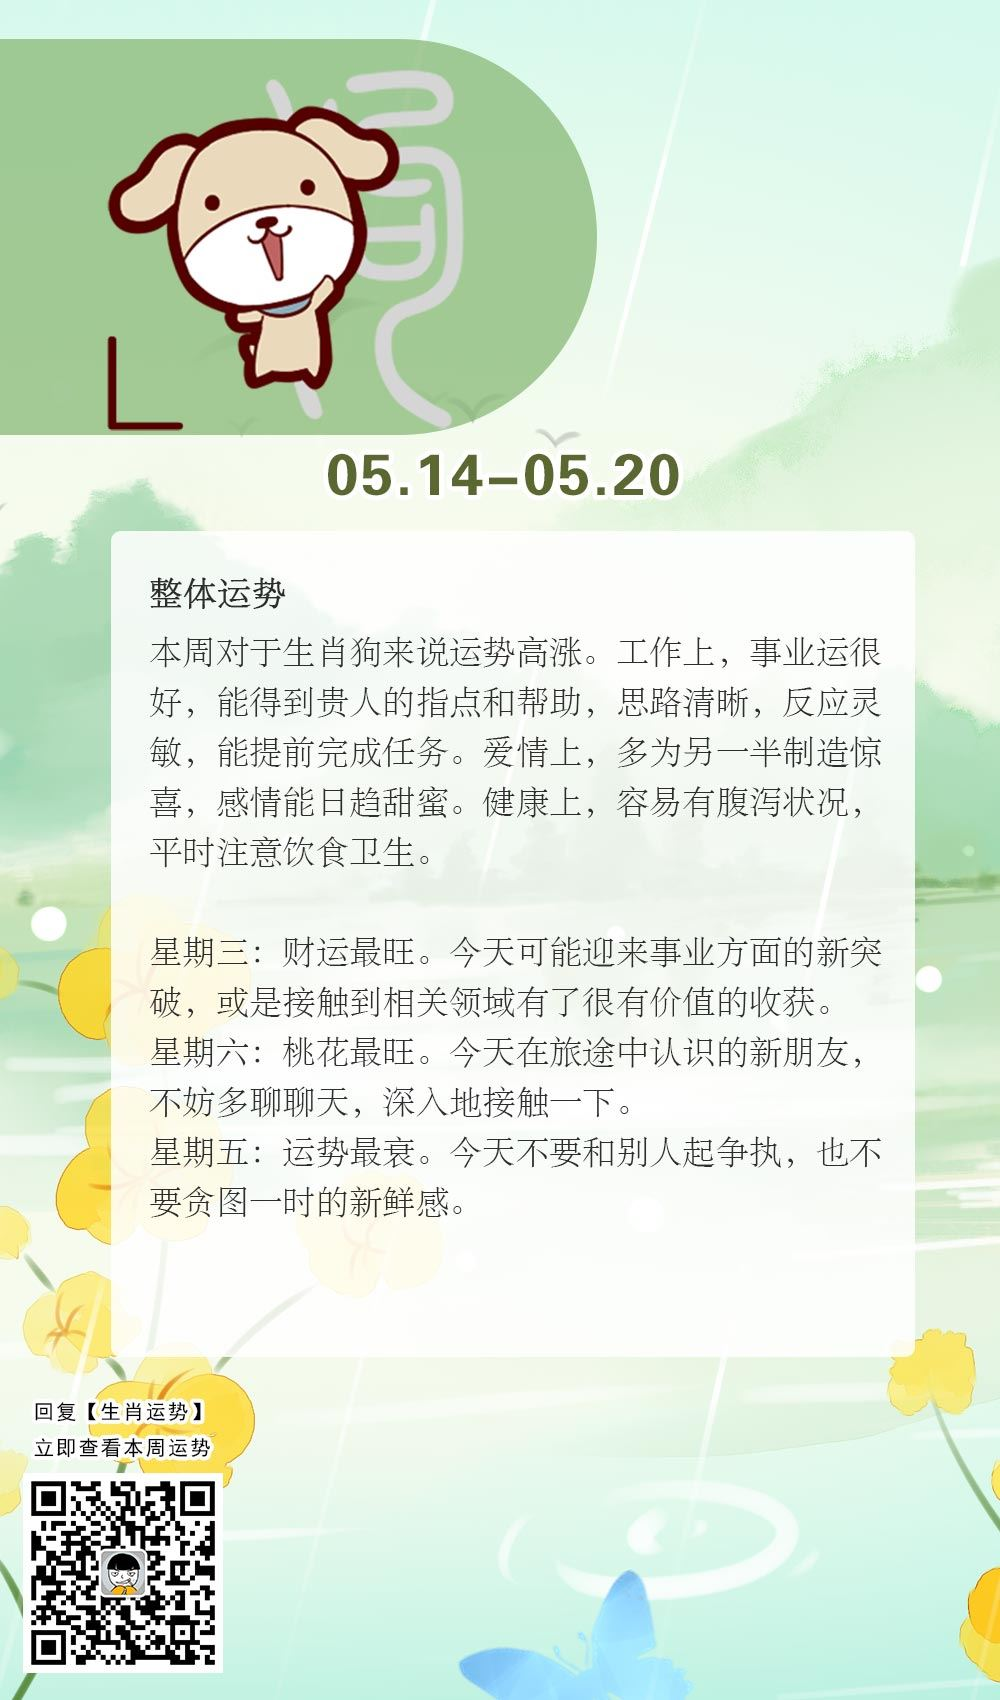 生肖狗本周运势【2018.05.14-05.20】